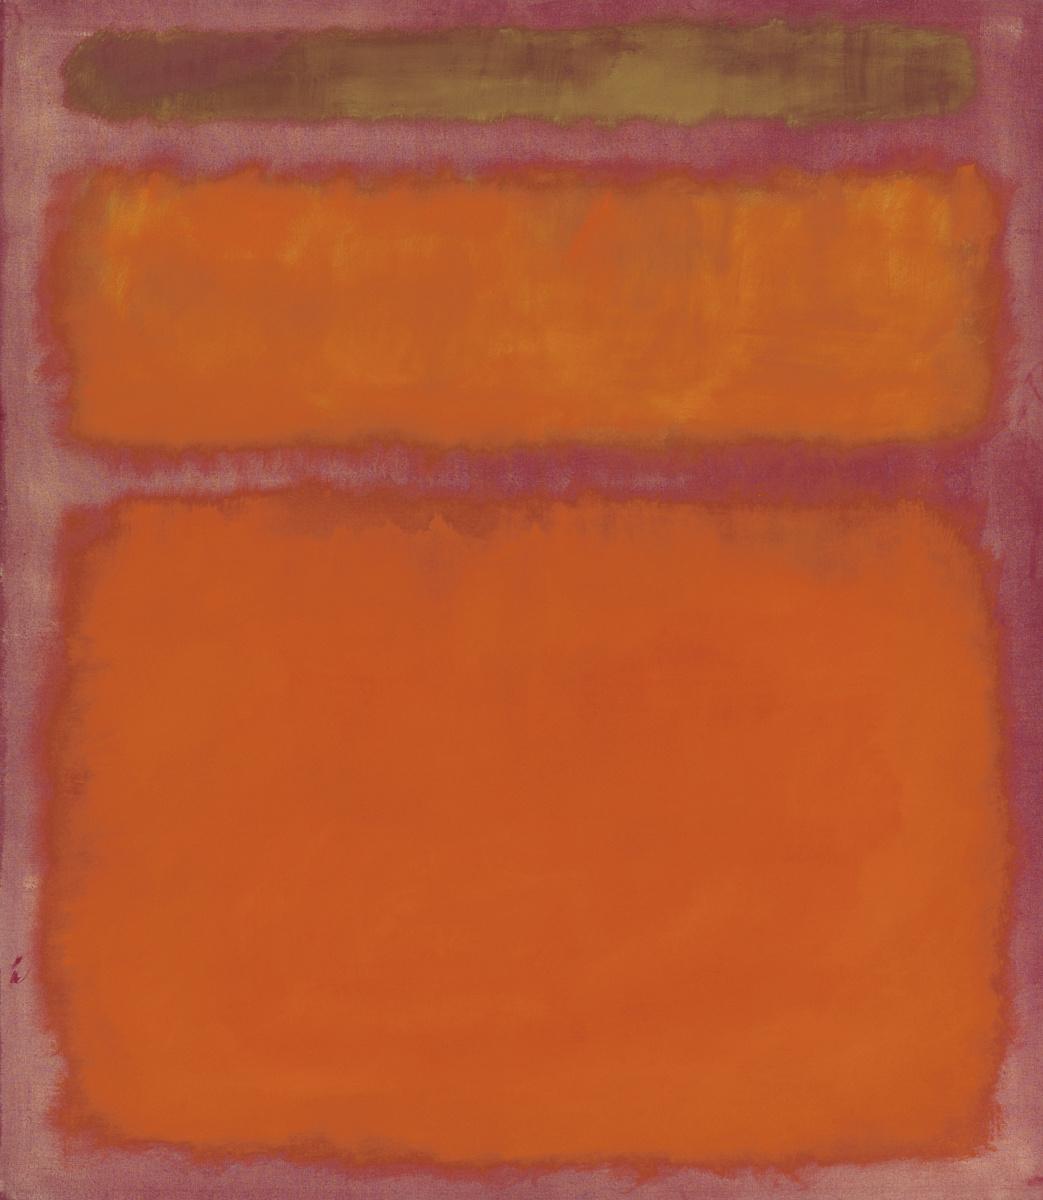 Rothko Mark. Orange, red, yellow